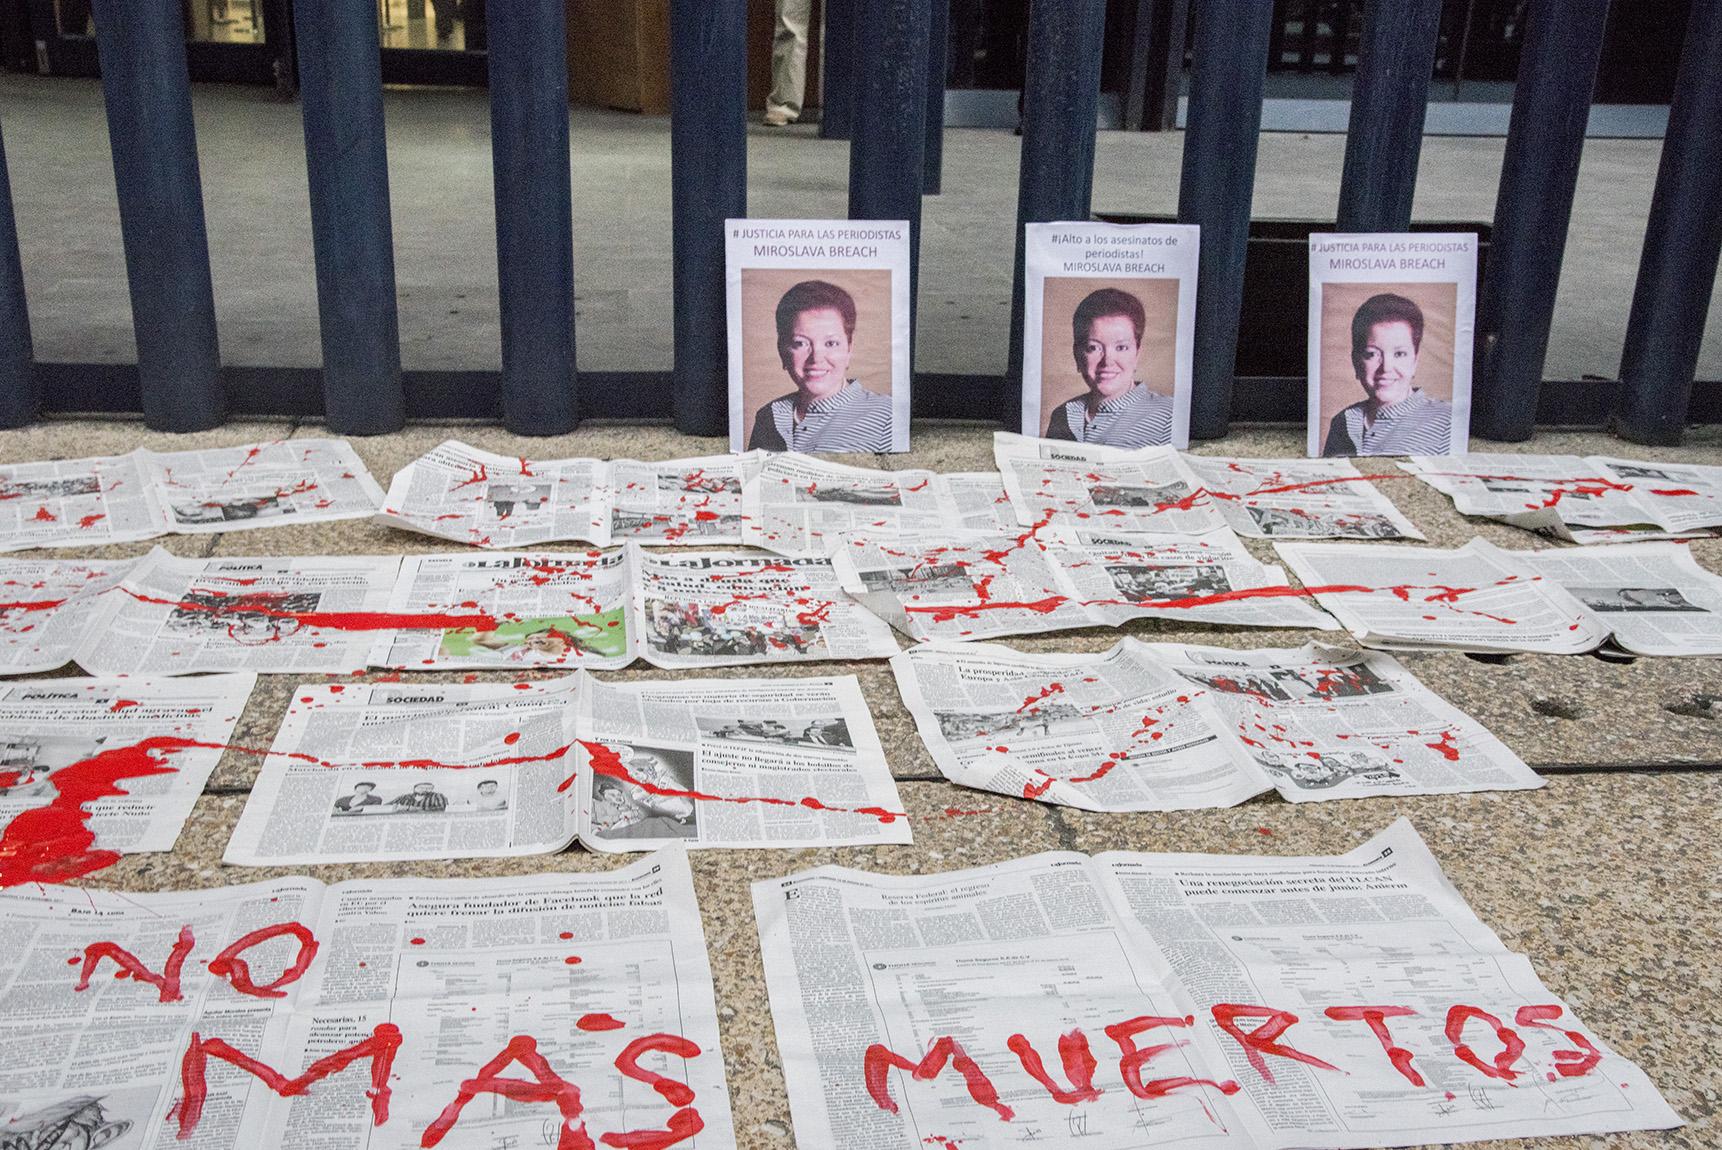 Sánchez encabezará la La Fiscalía Especial para la Atención de Delitos cometidos contra de la Libertad de Expresión (FEADLE). FOTO: CUARTOSCURO